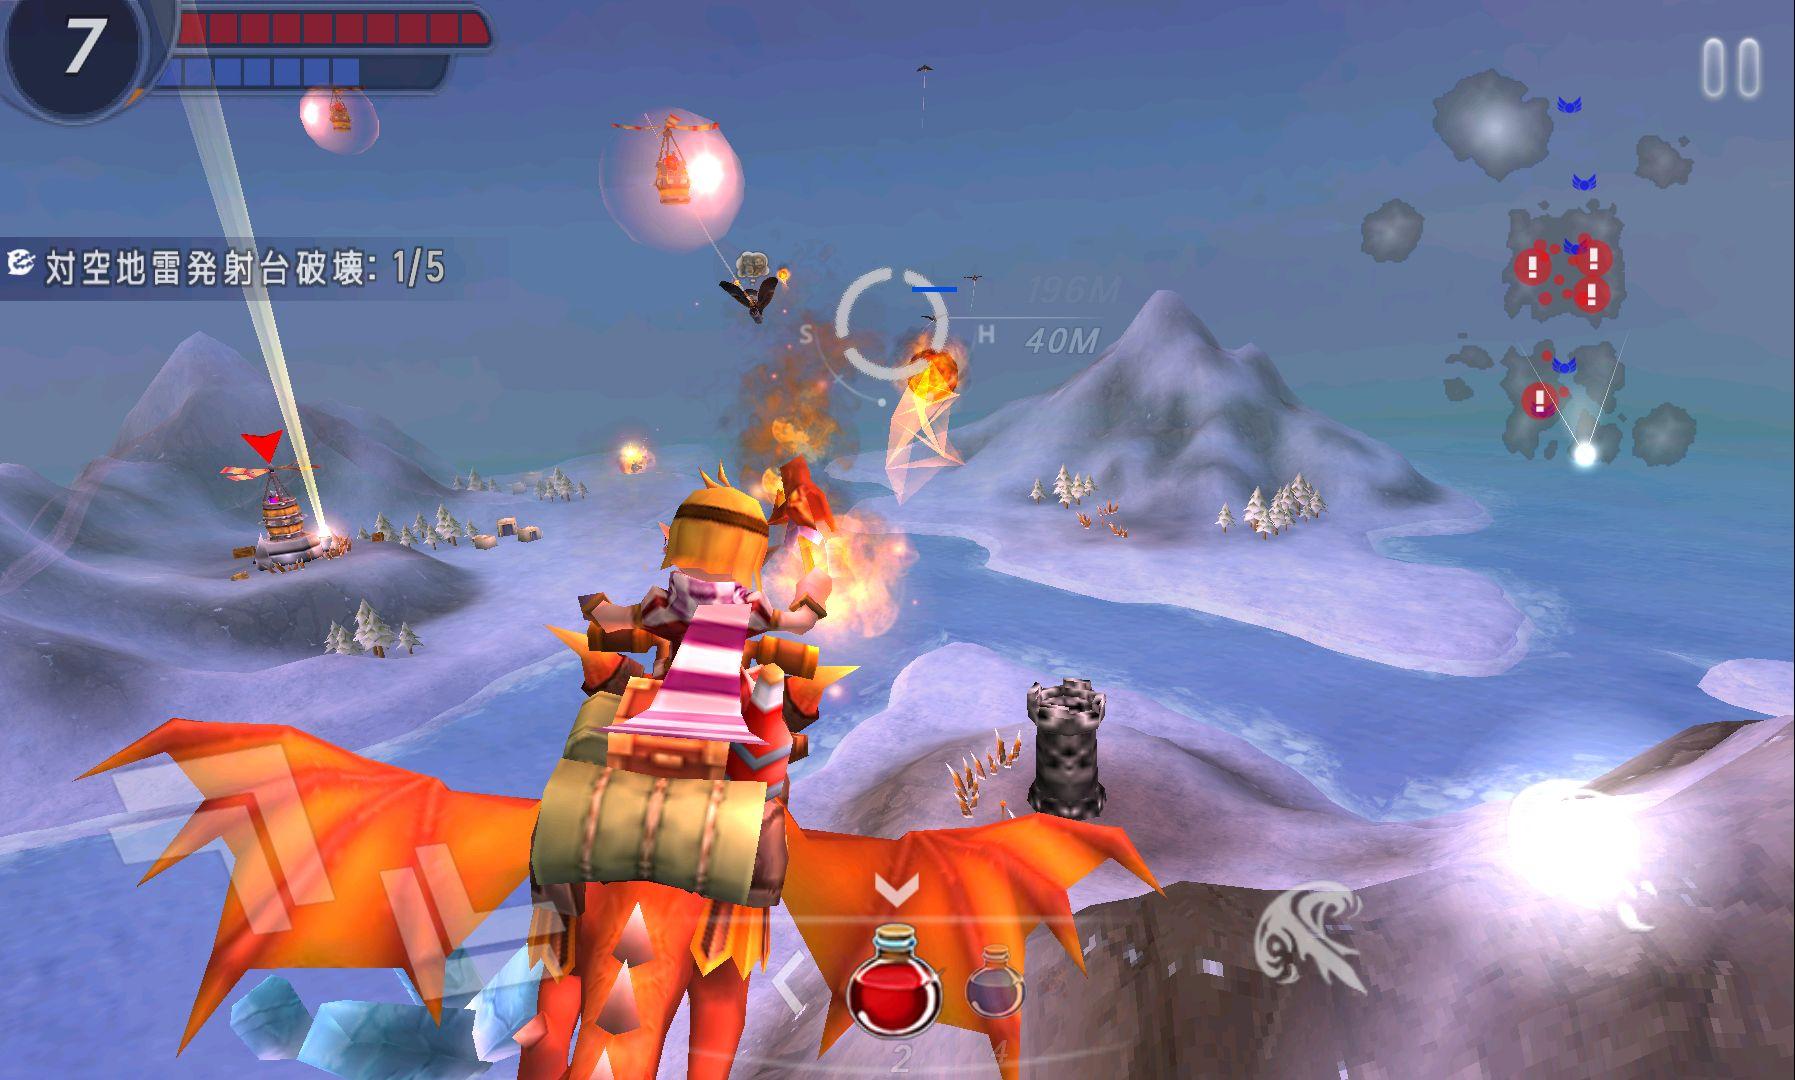 スカイアサルト(SKY ASSAULT: 3D Flight Action) androidアプリスクリーンショット1